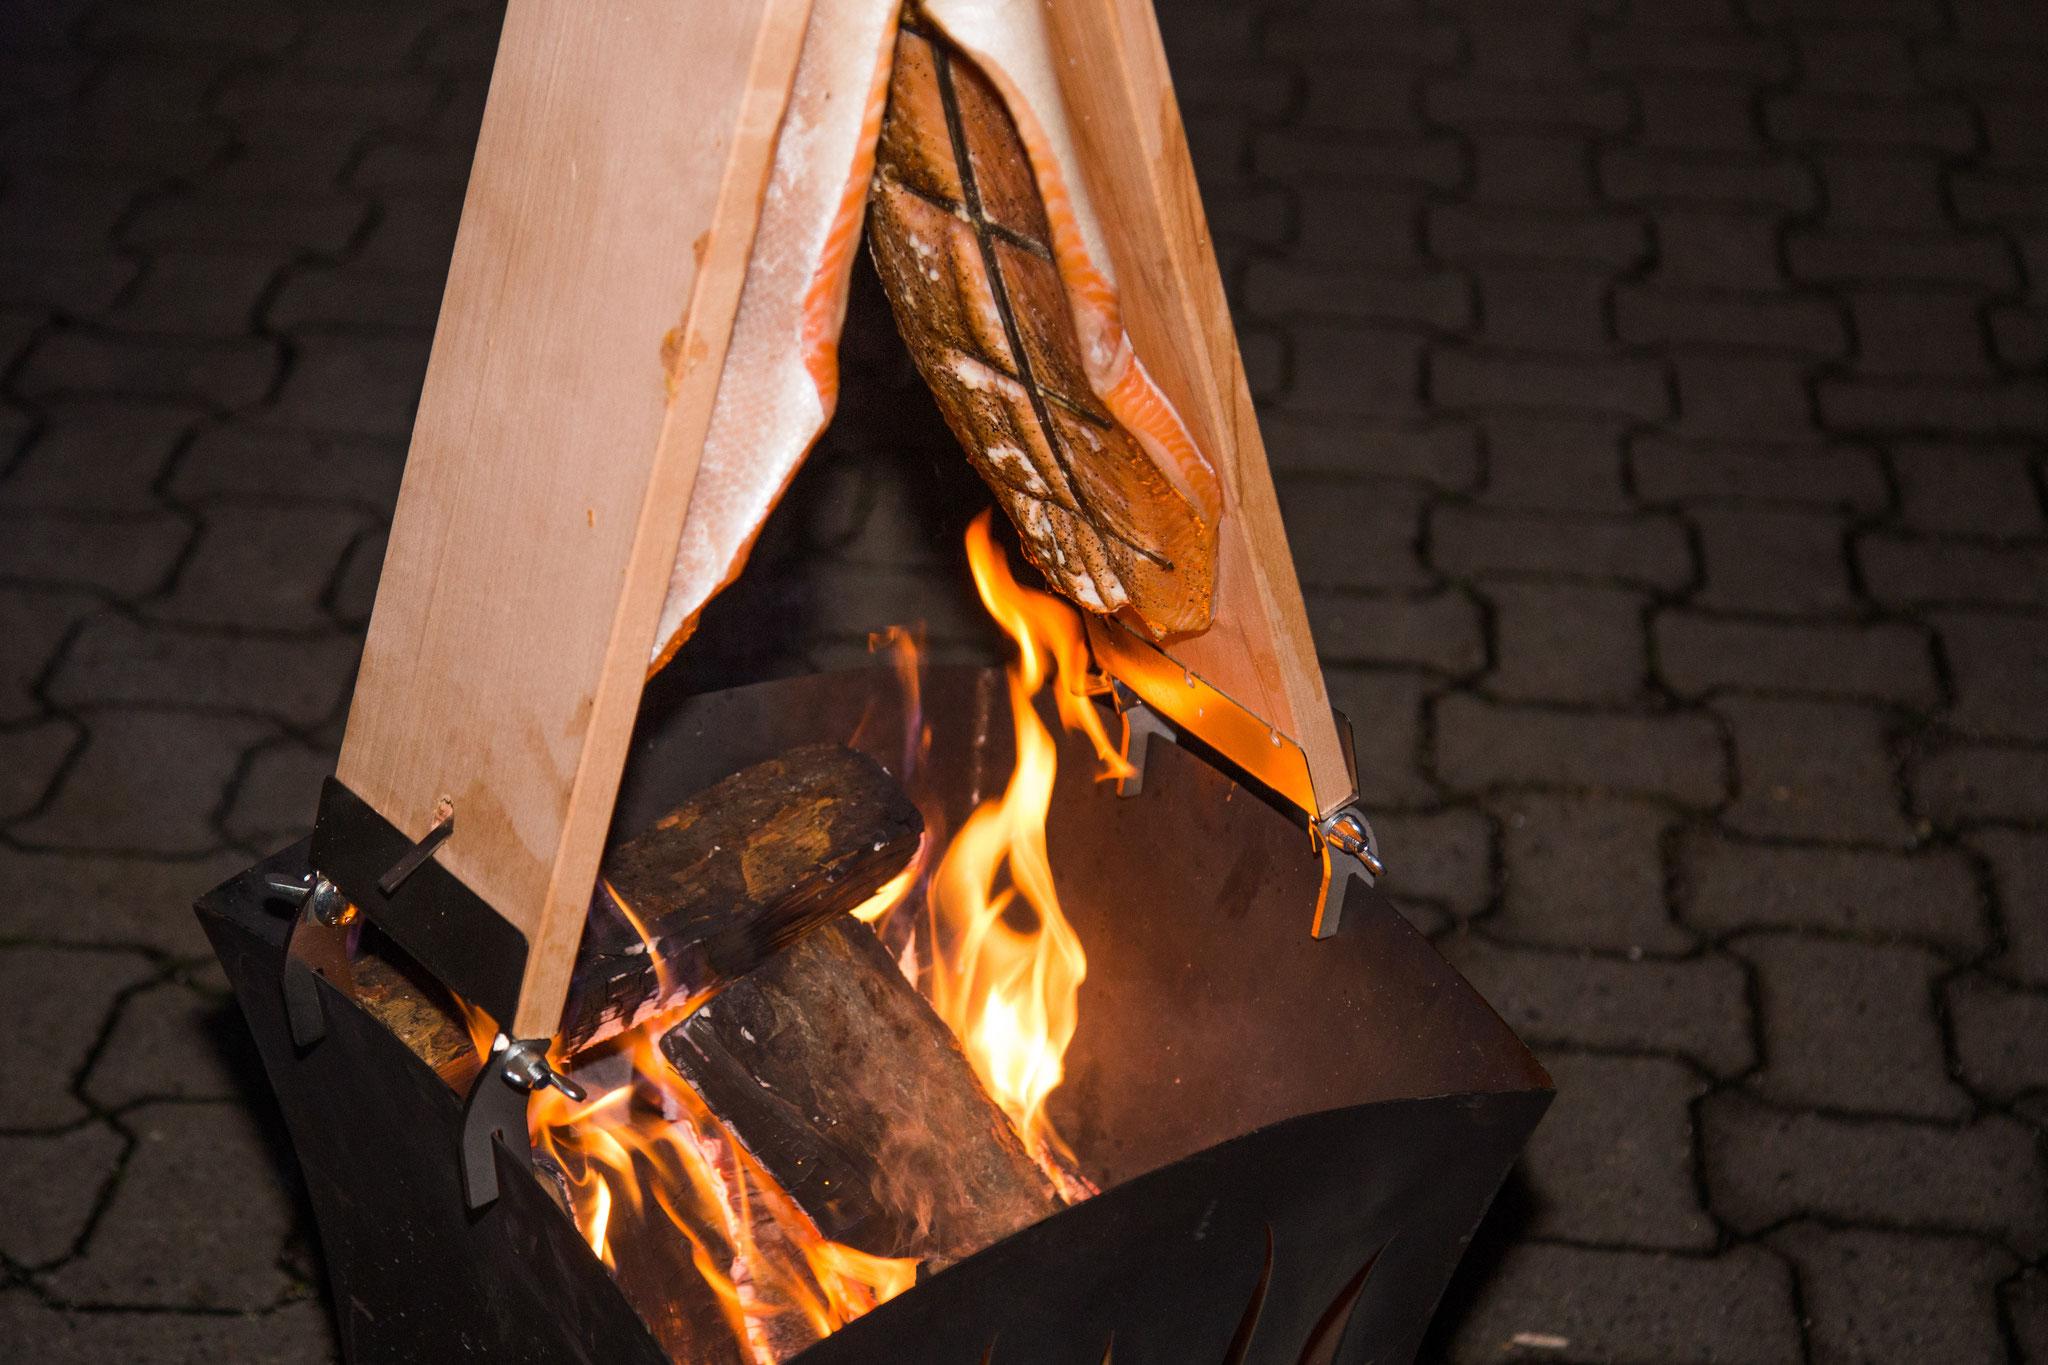 leckerer Flammlachs über dem Feuerkorb